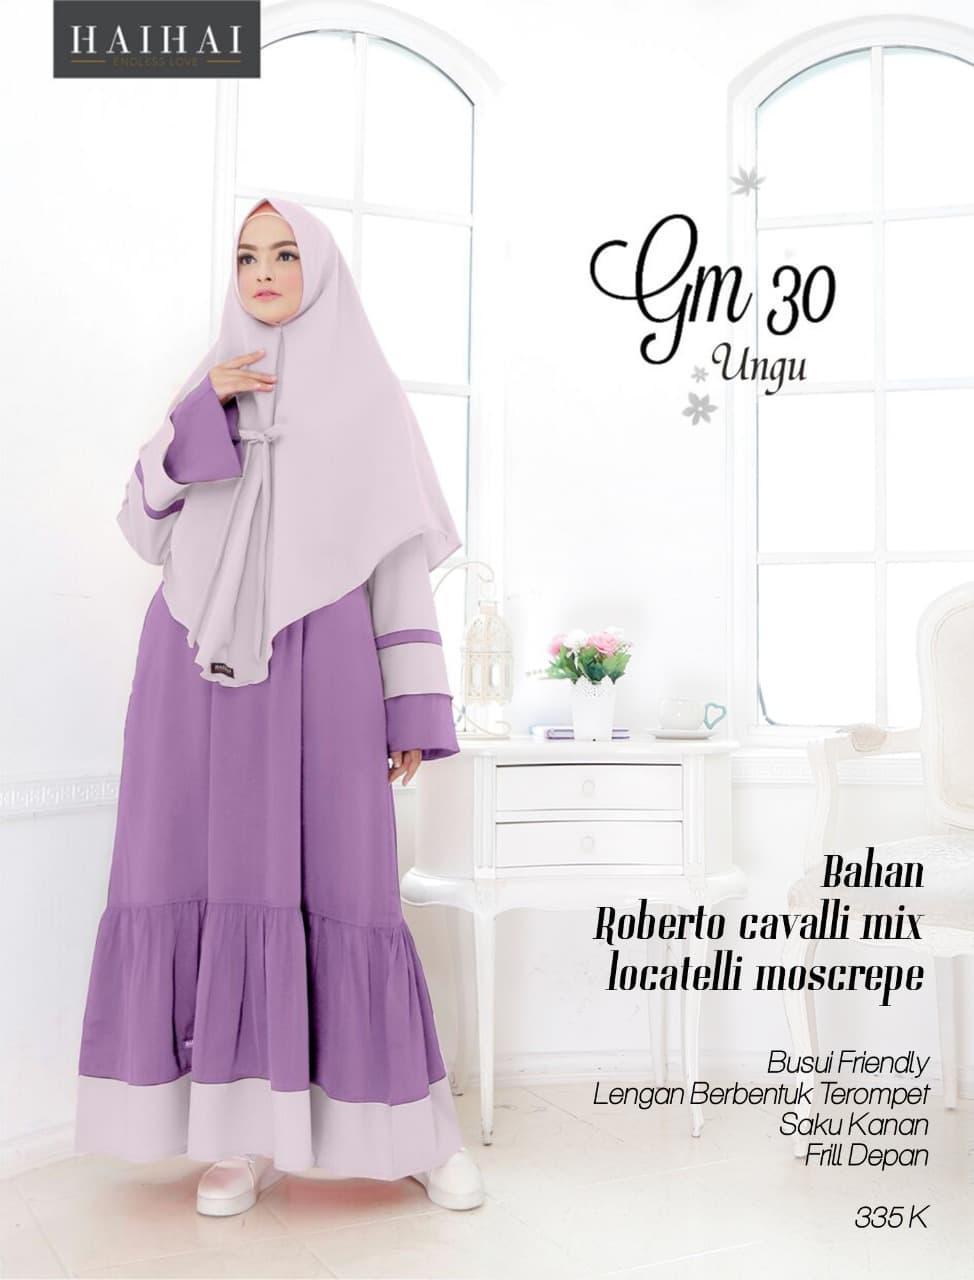 gamis simpel n murah. dress muslimah. ada diskon 20{55e037da9a70d2f692182bf73e9ad7c46940d20c7297ef2687c837f7bdb7b002} #haihai